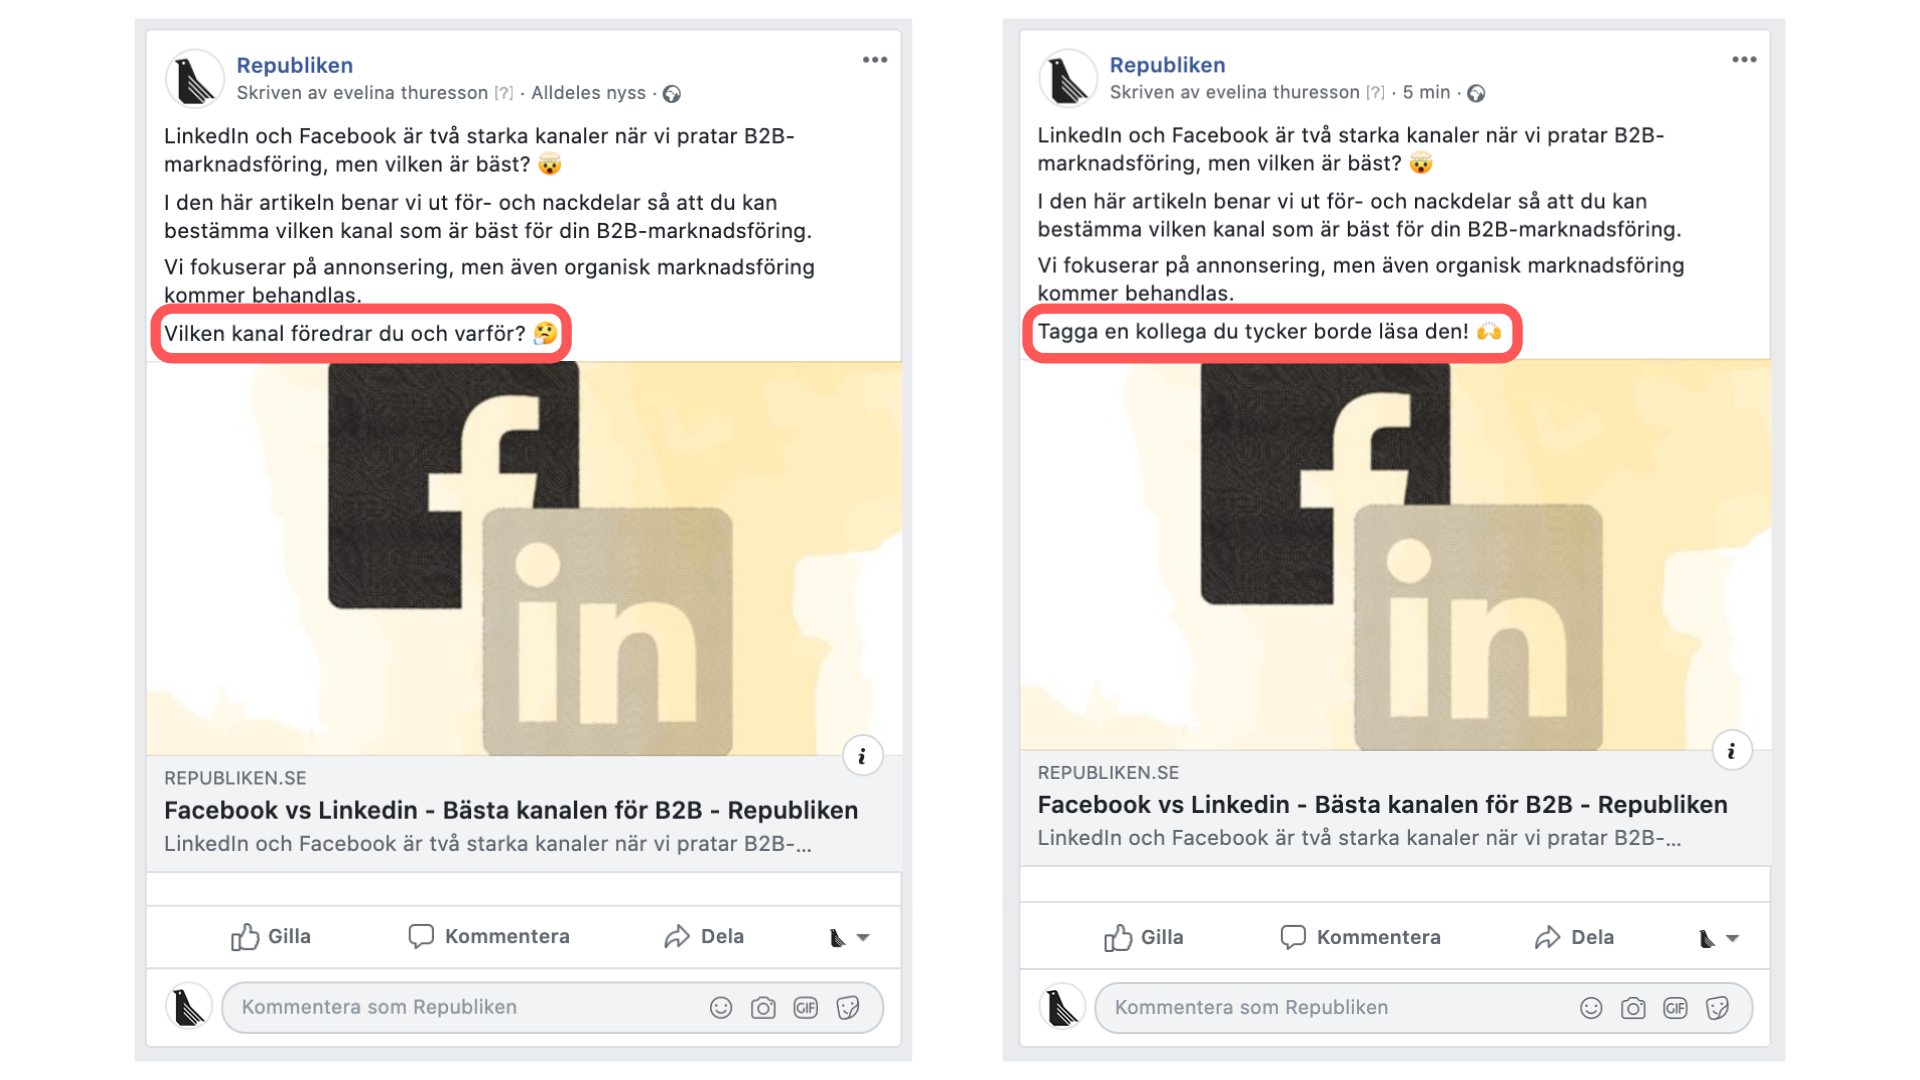 Exempel på inlägg för sociala medier